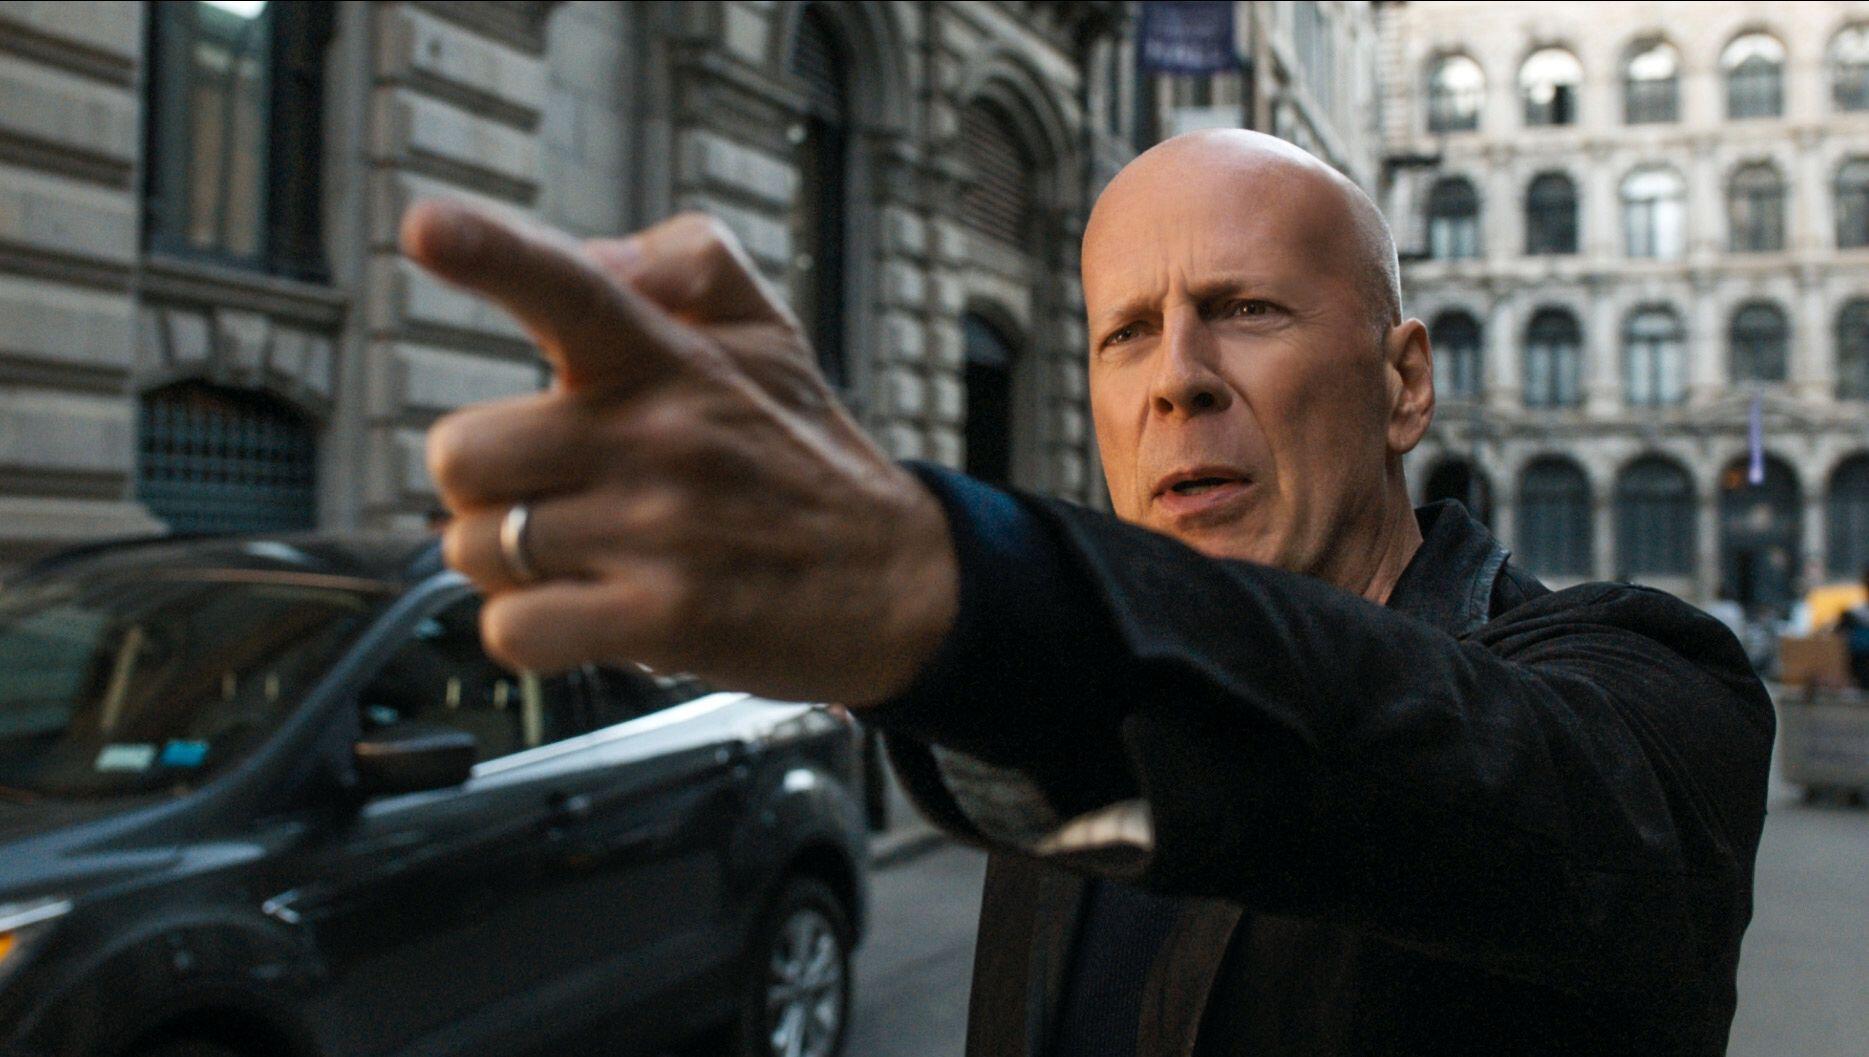 Premieră la Antena 1. 5 lucruri pe care trebuie să le știi despre filmul Death Wish: Răzbunarea, cu Bruce Willis